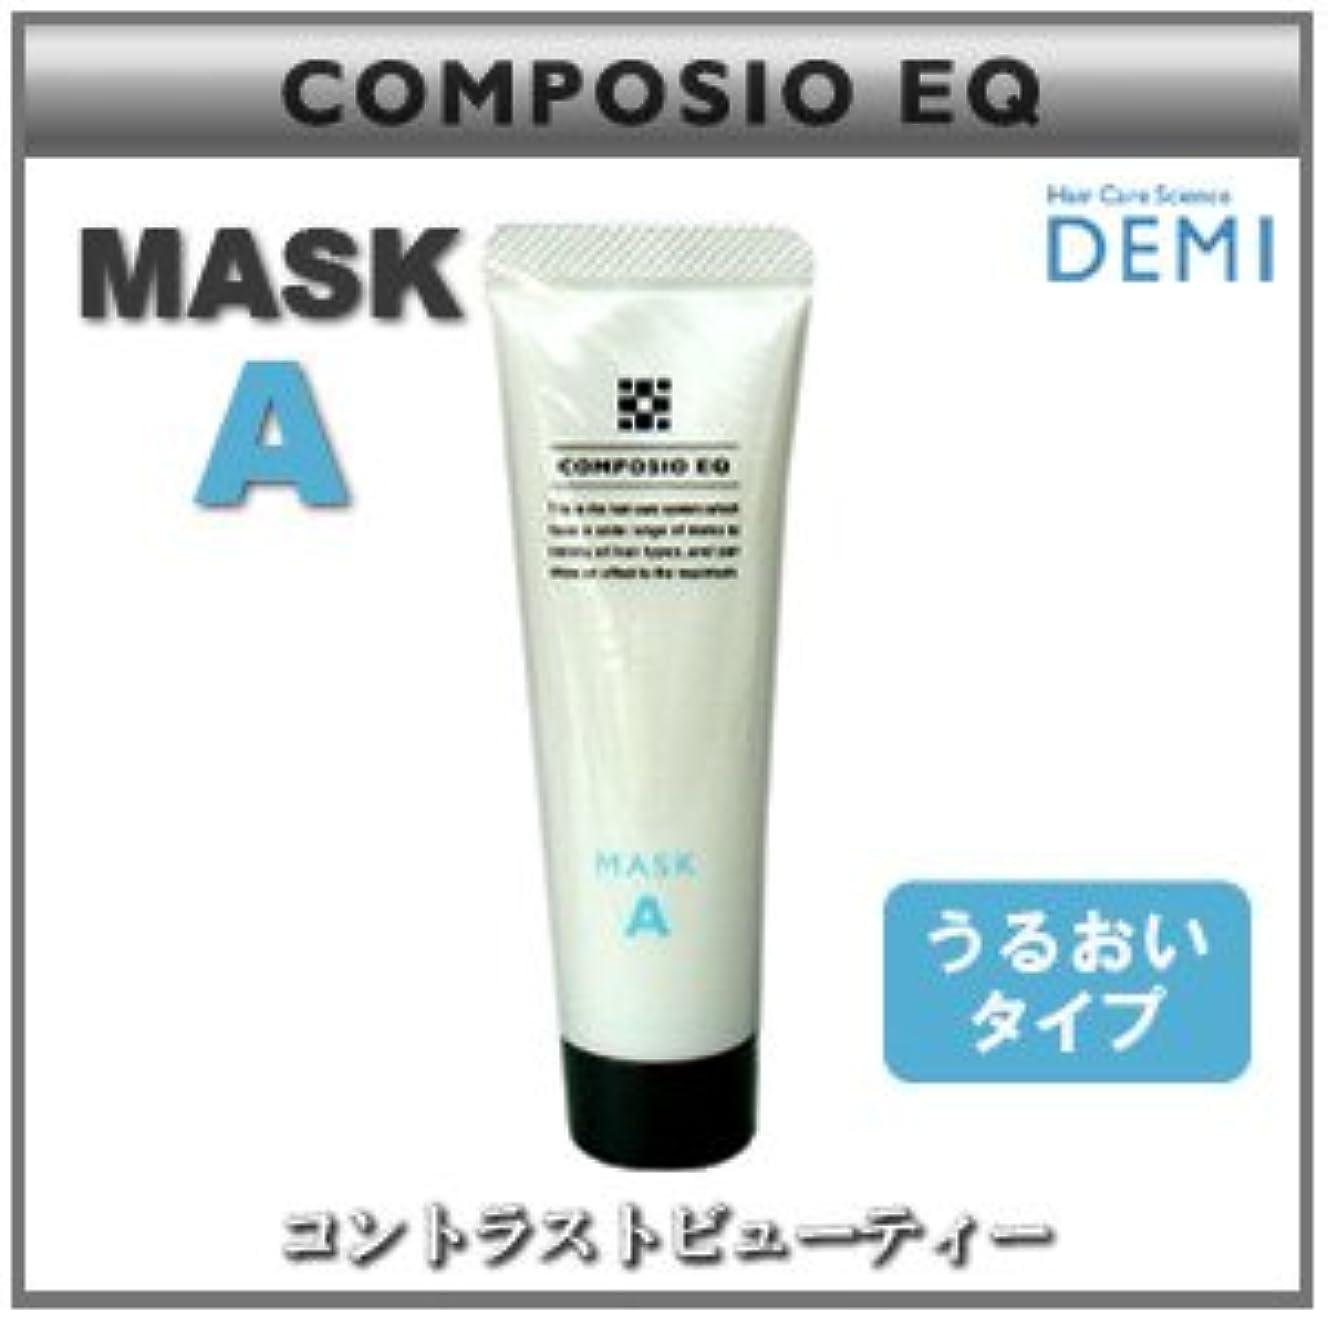 不格好明らかに入場【X4個セット】 デミ コンポジオ EQ マスク A 50g